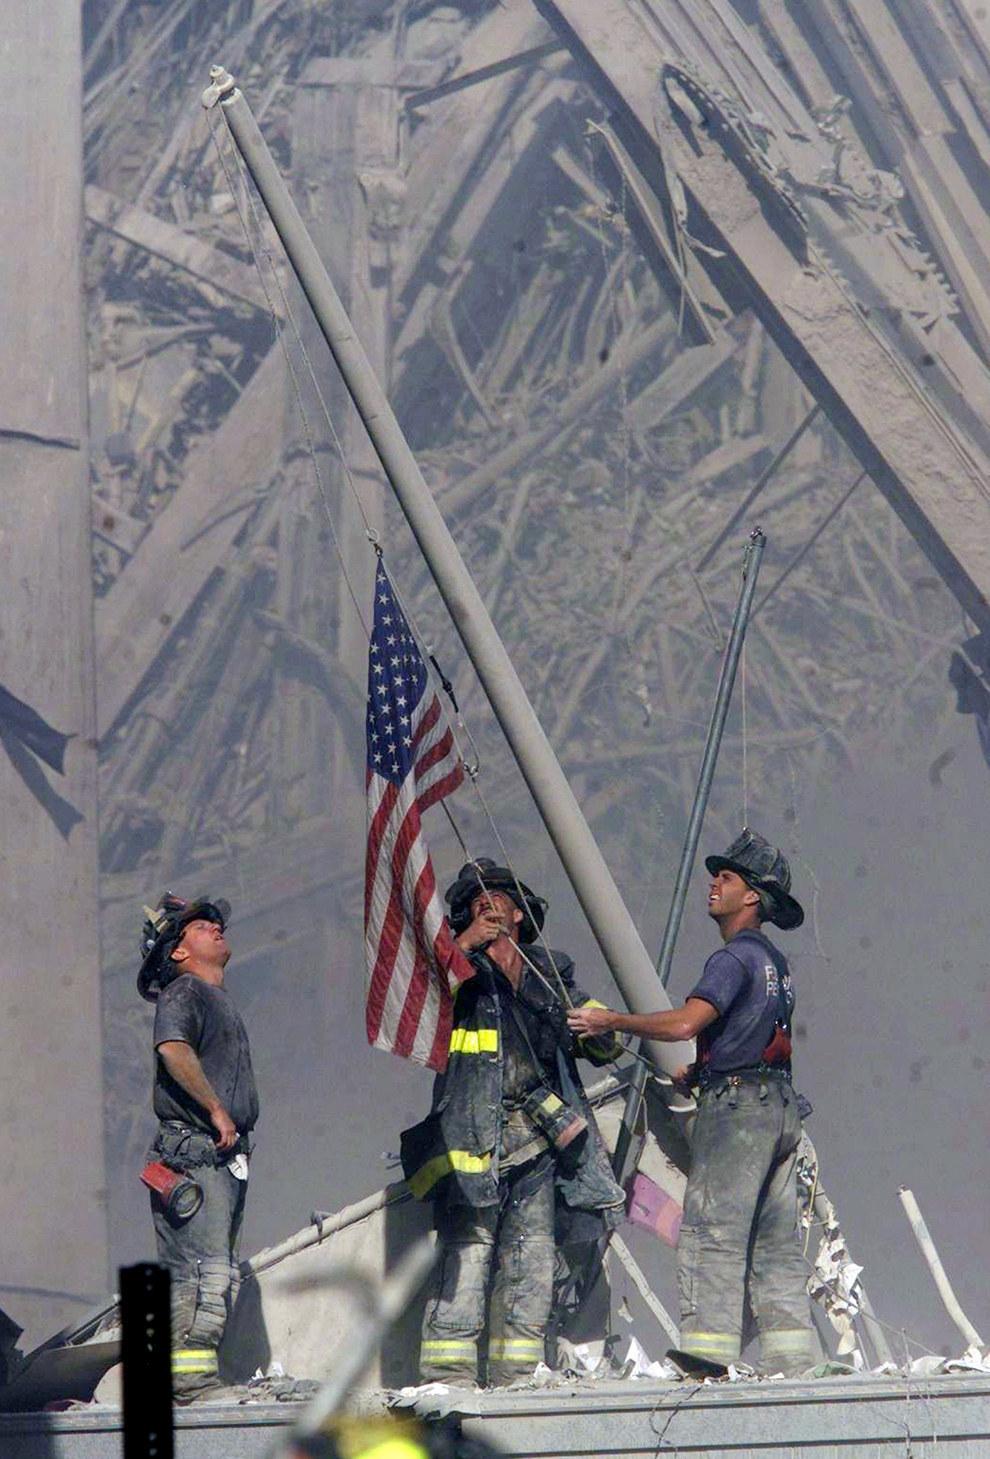 Este signo de patriotismo y perseverancia frente al terrorismo el 11 de septiembre del 2001.